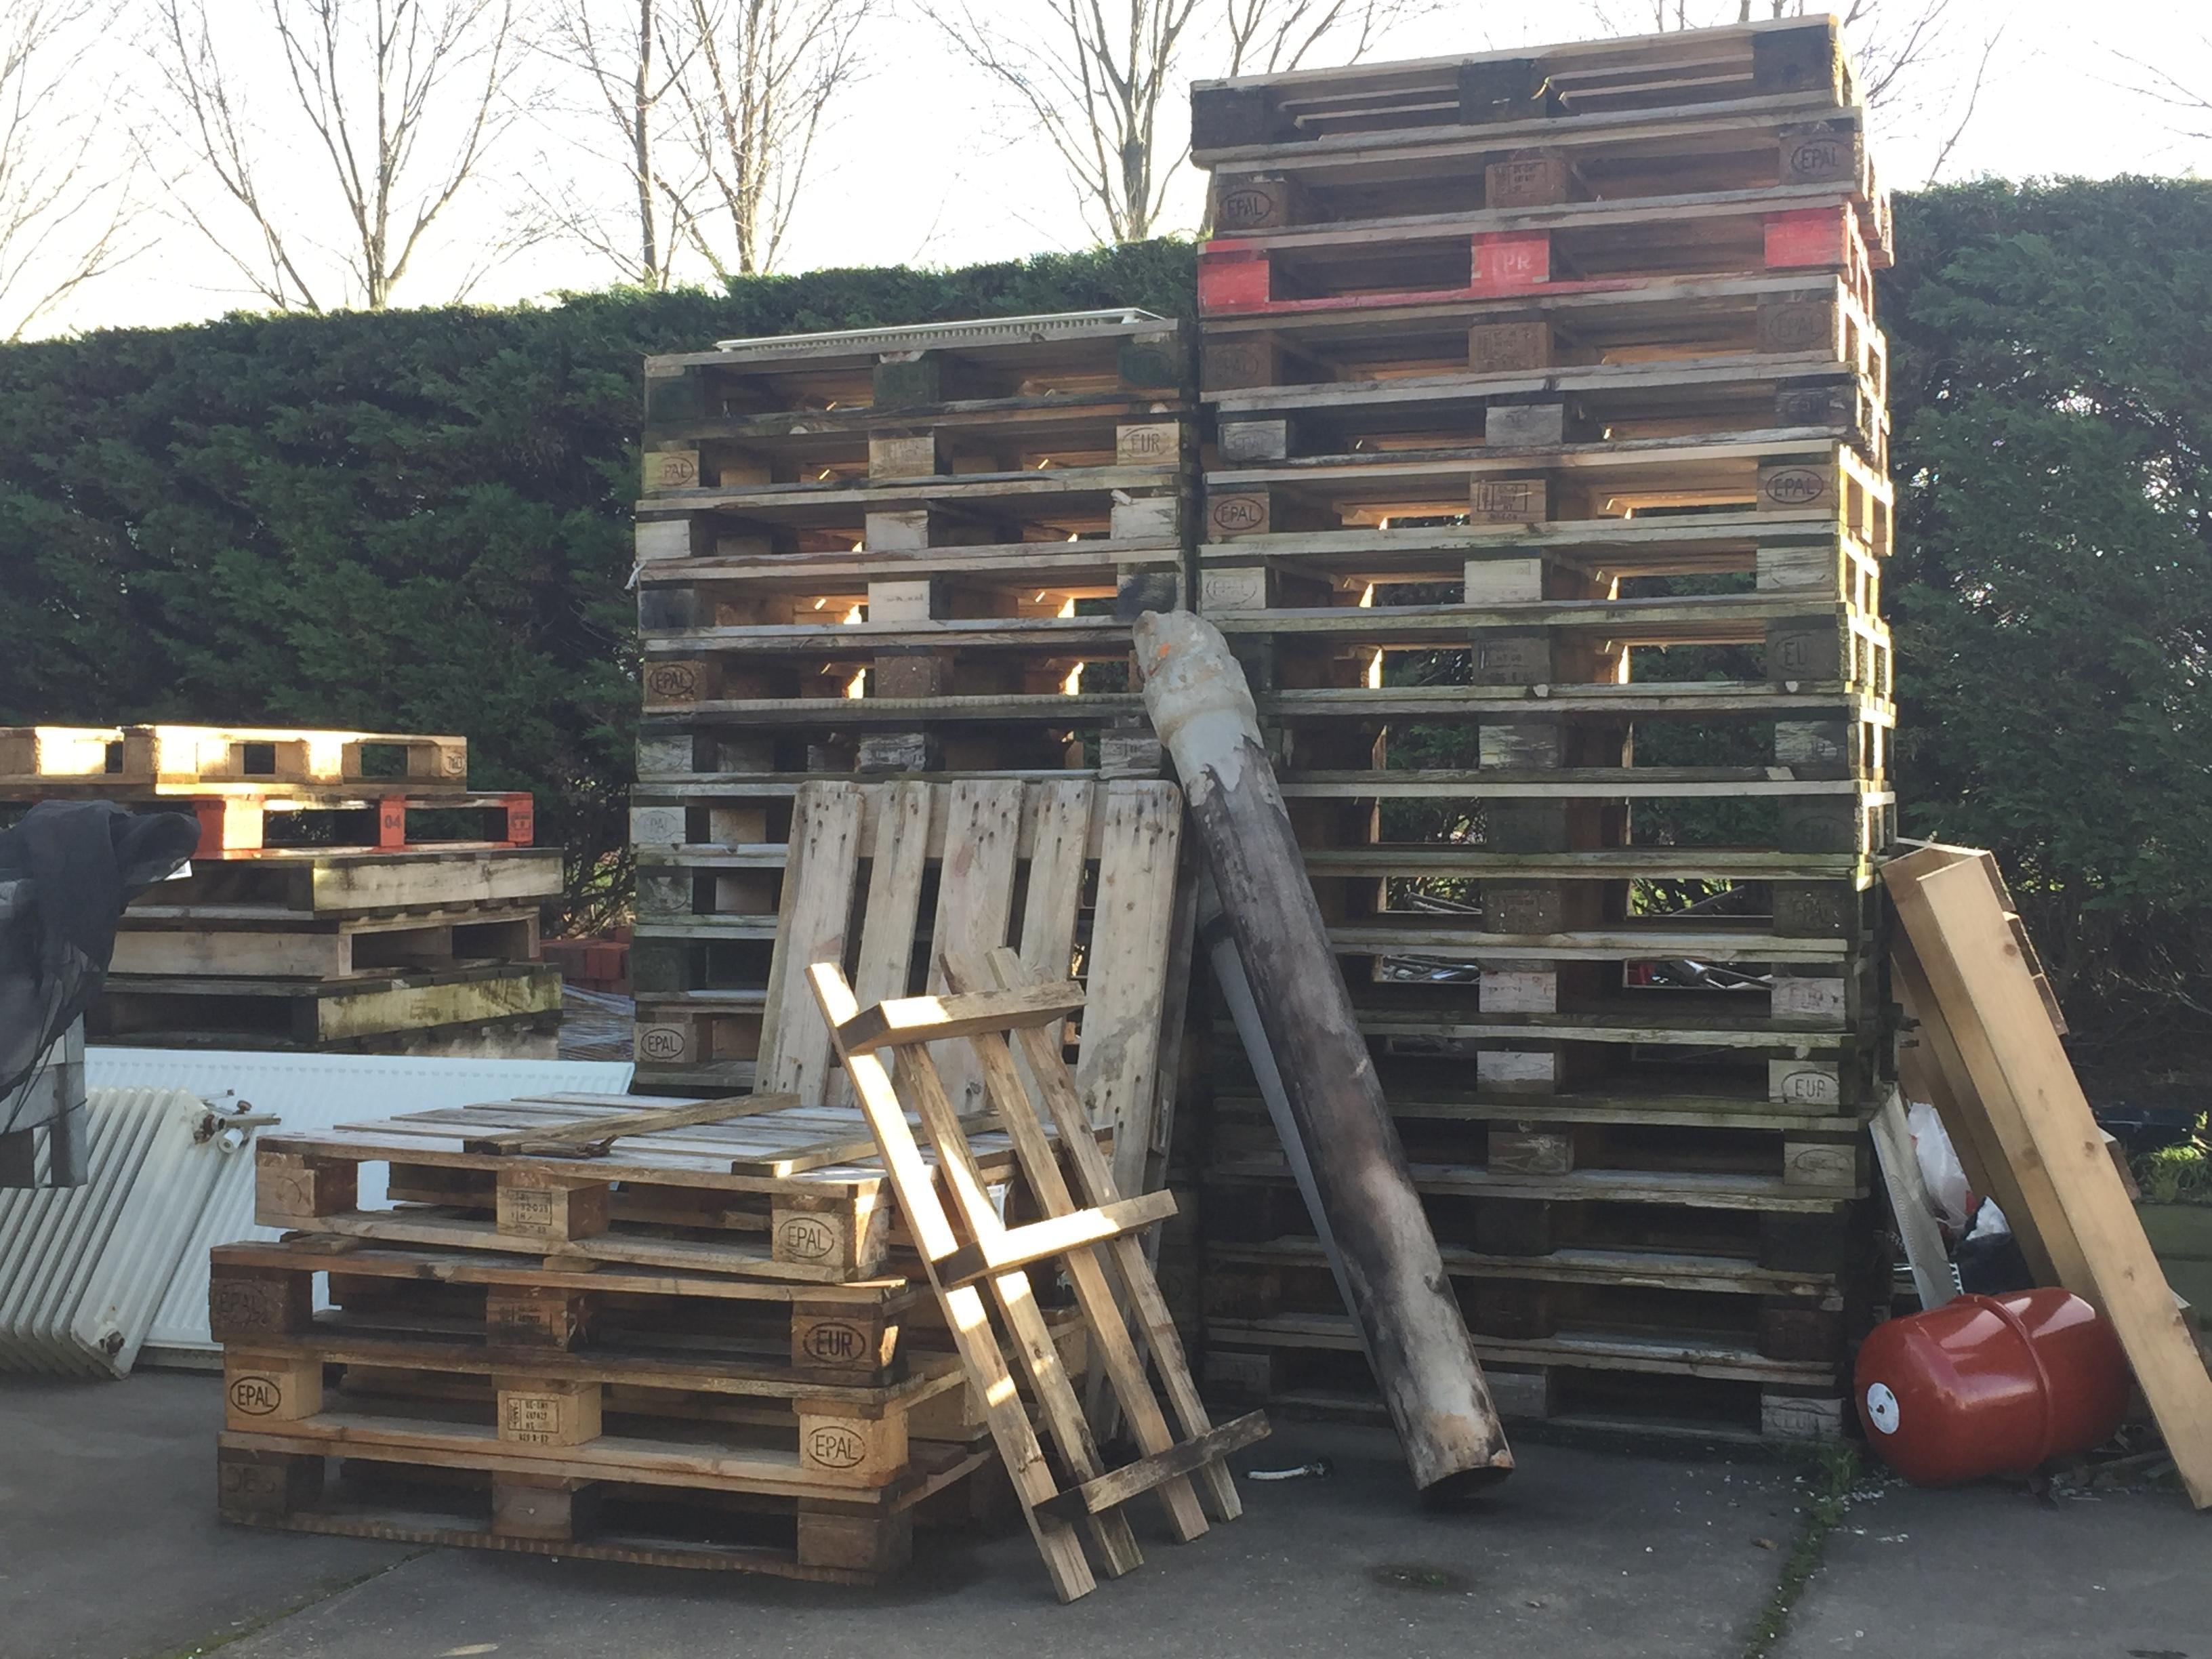 'Gestolen pallets Bollenstreek in Haags vreugdevuur'